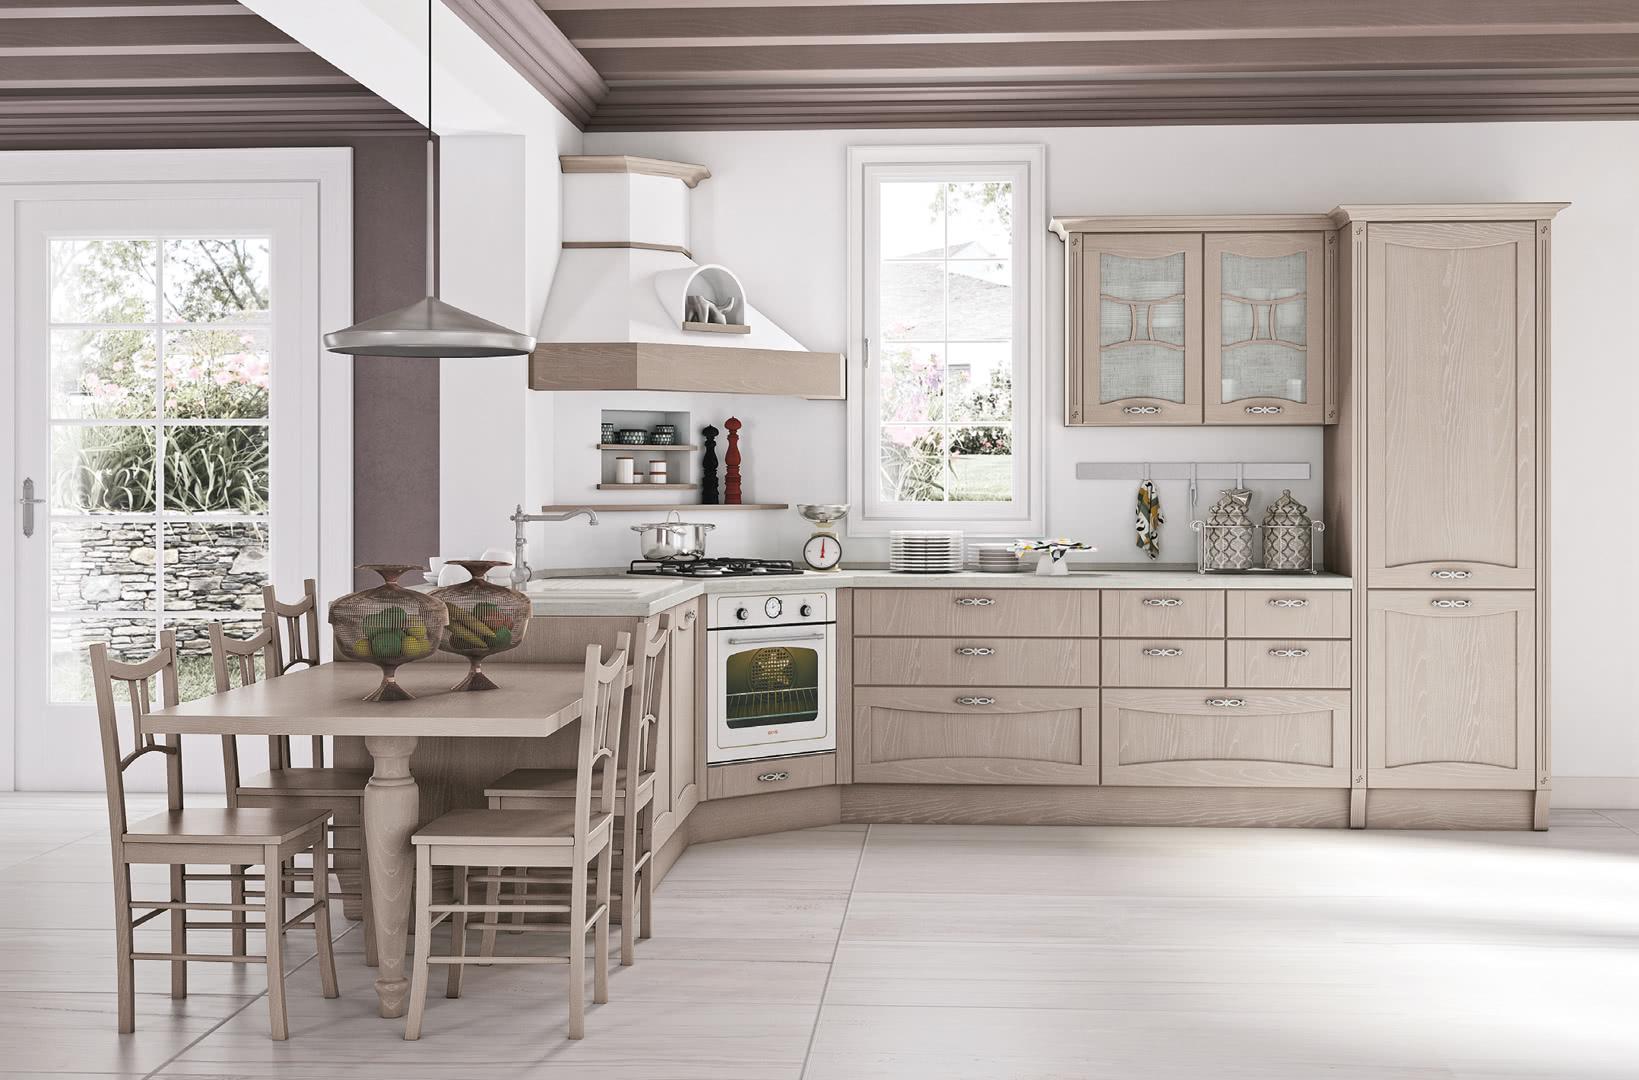 Cucina Aurea - Cucine Classiche - Creo Kitchens